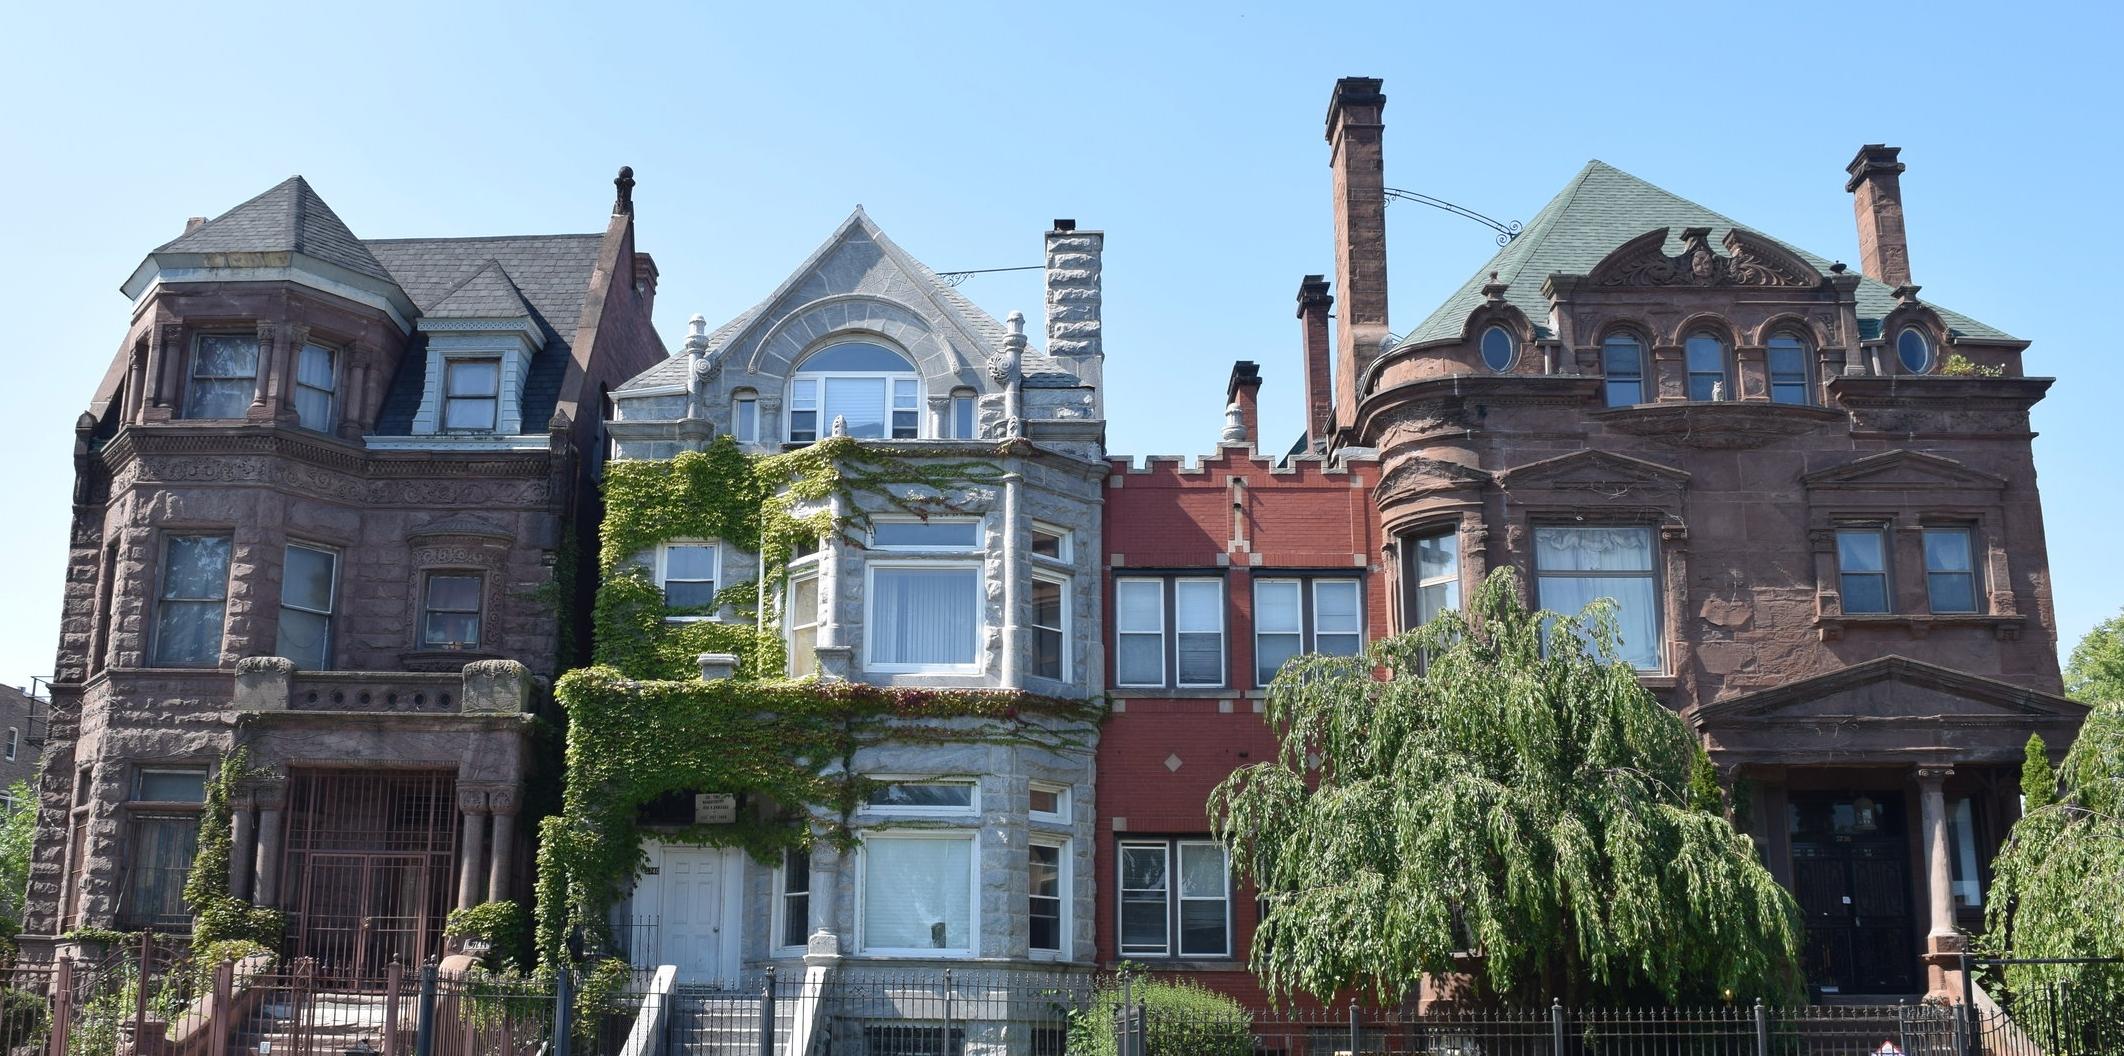 Homes of Bronzeville neighborhood in Chicago